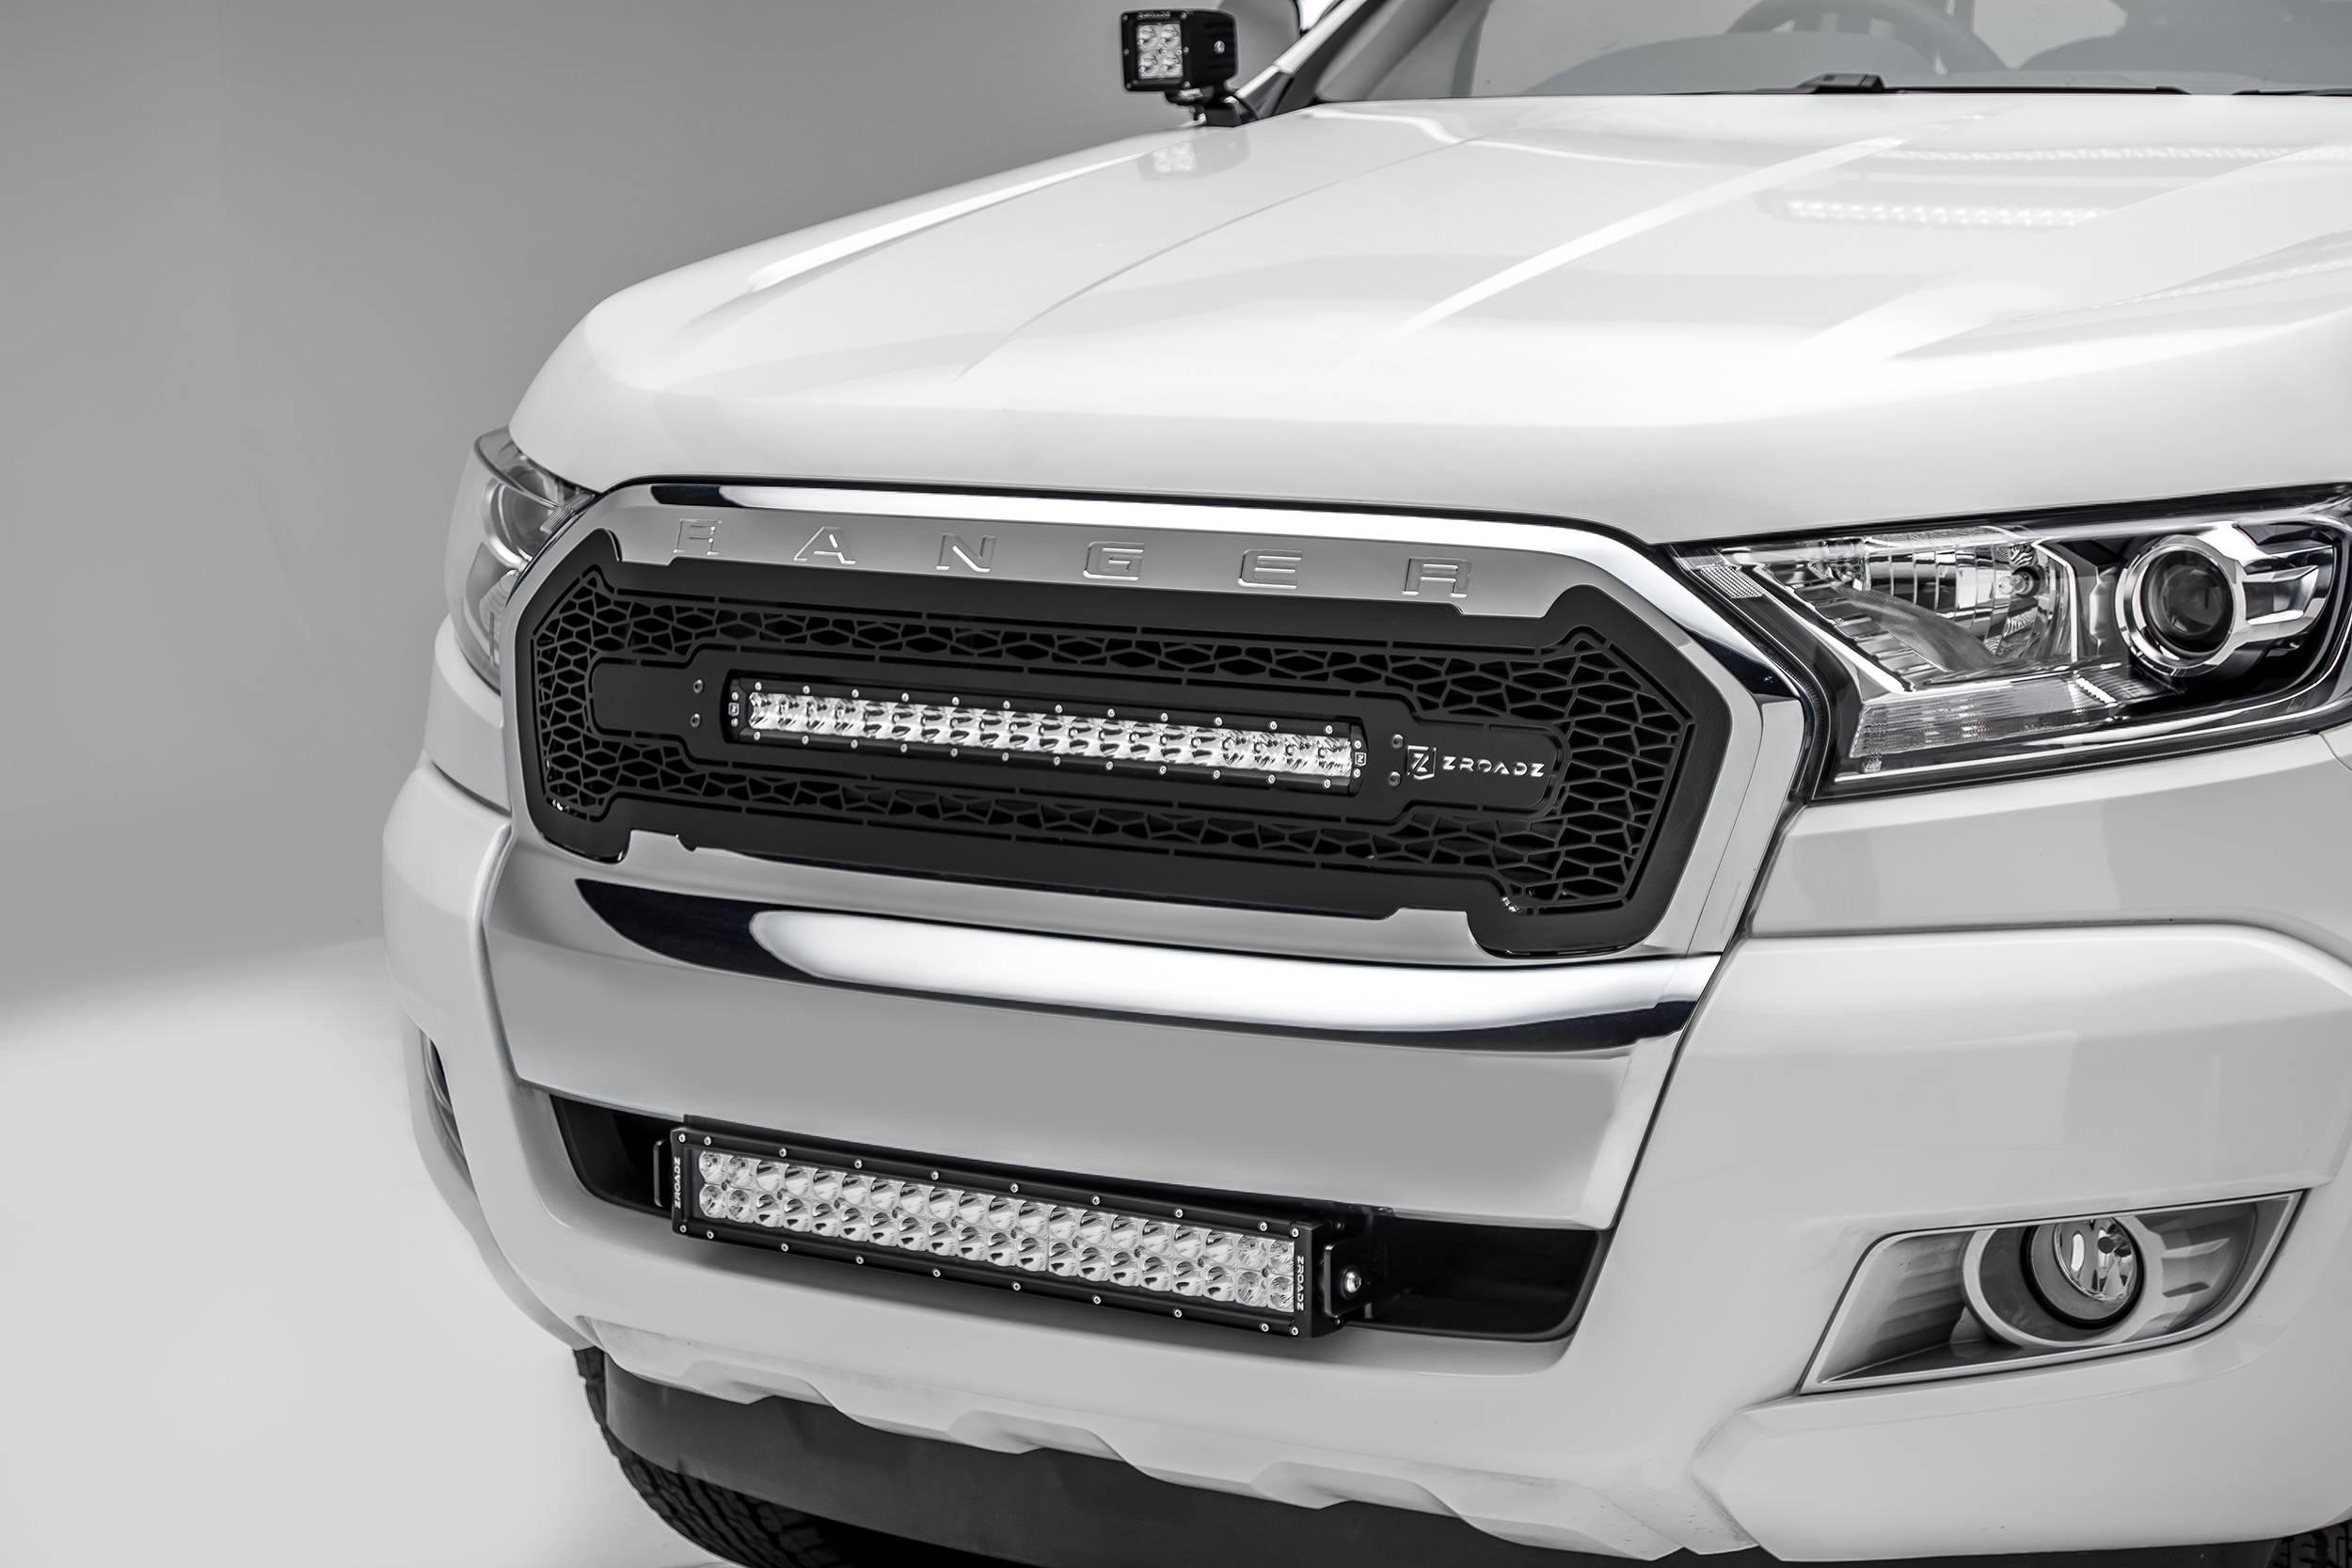 2015-2018 Ford Ranger T6 Front Bumper Center LED Kit, Incl. (1) 20 Inch LED Straight Double Row Light Bar - PN #Z325761-KIT